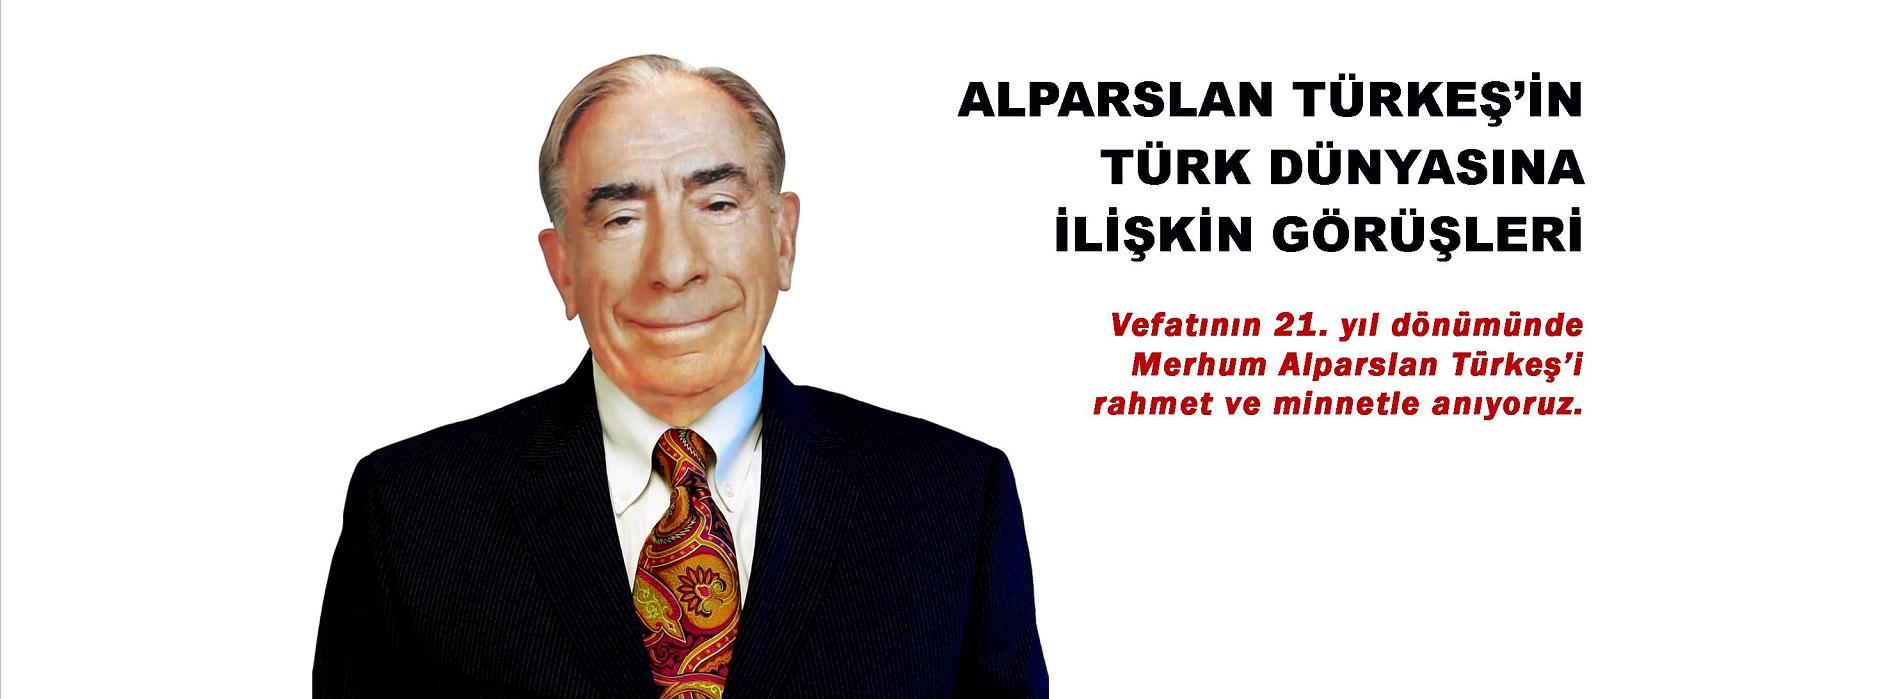 Alparslan Türkeş'in Türk Dünyasına İlişkin Görüşleri